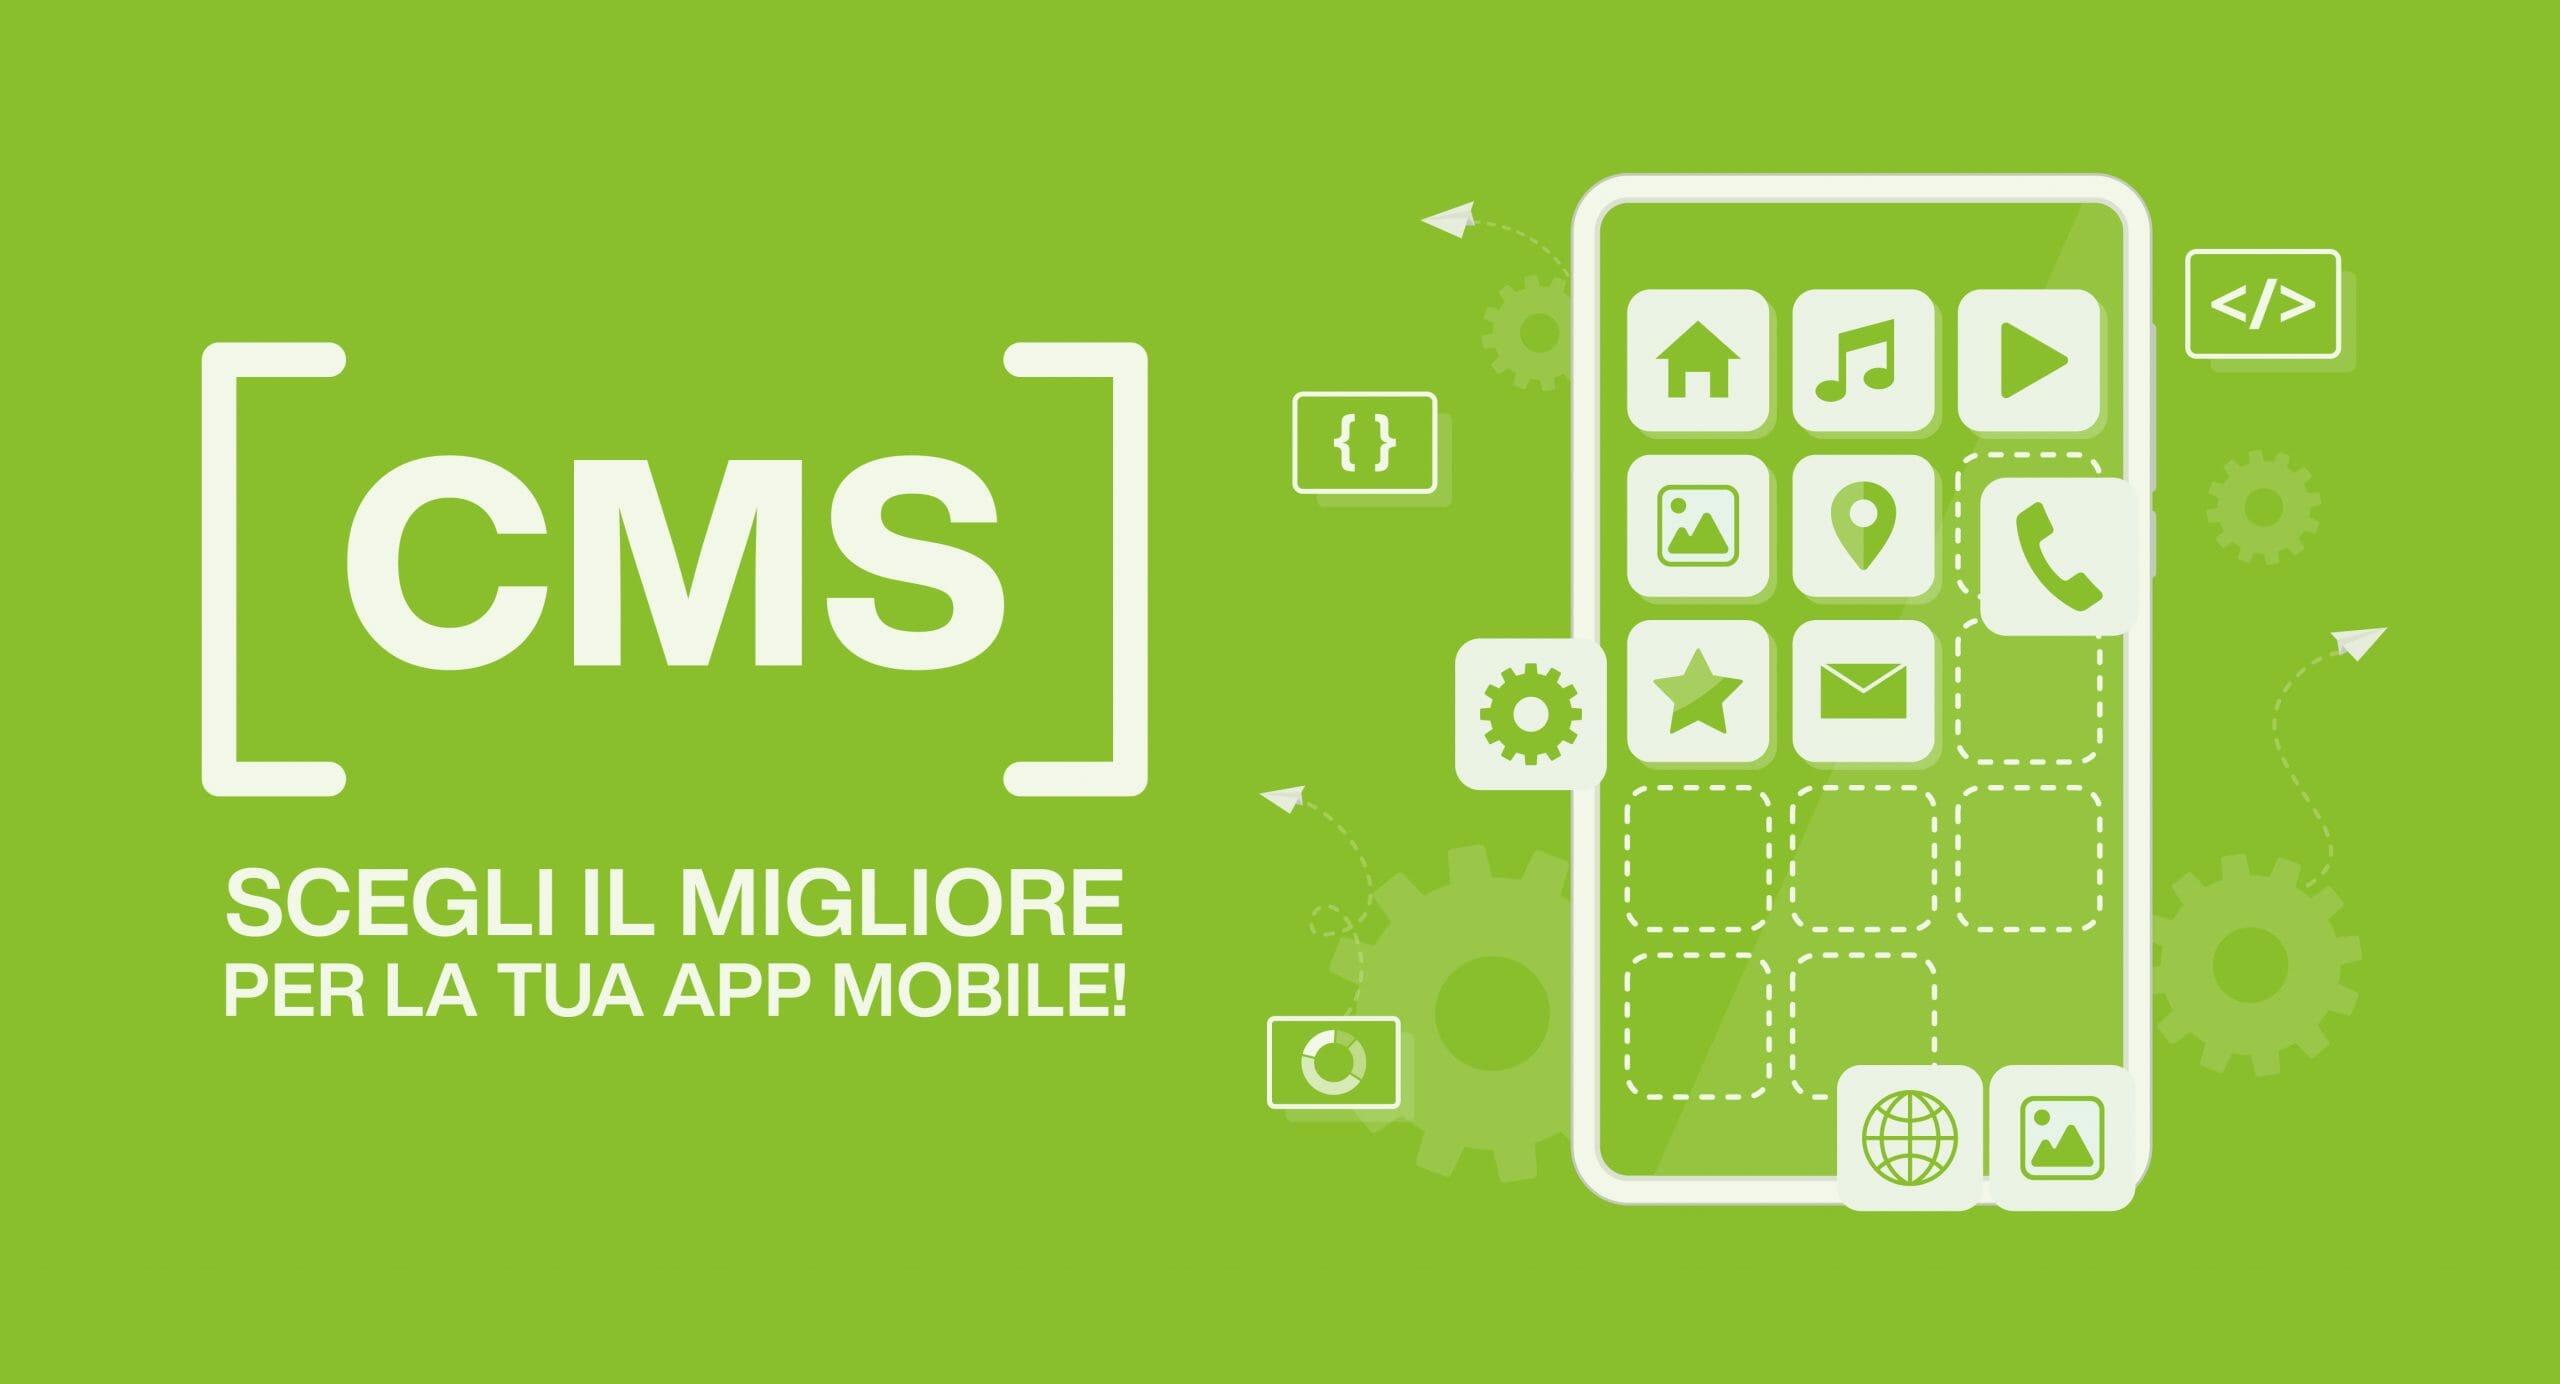 Come scegliere il miglior CMS per app mobile